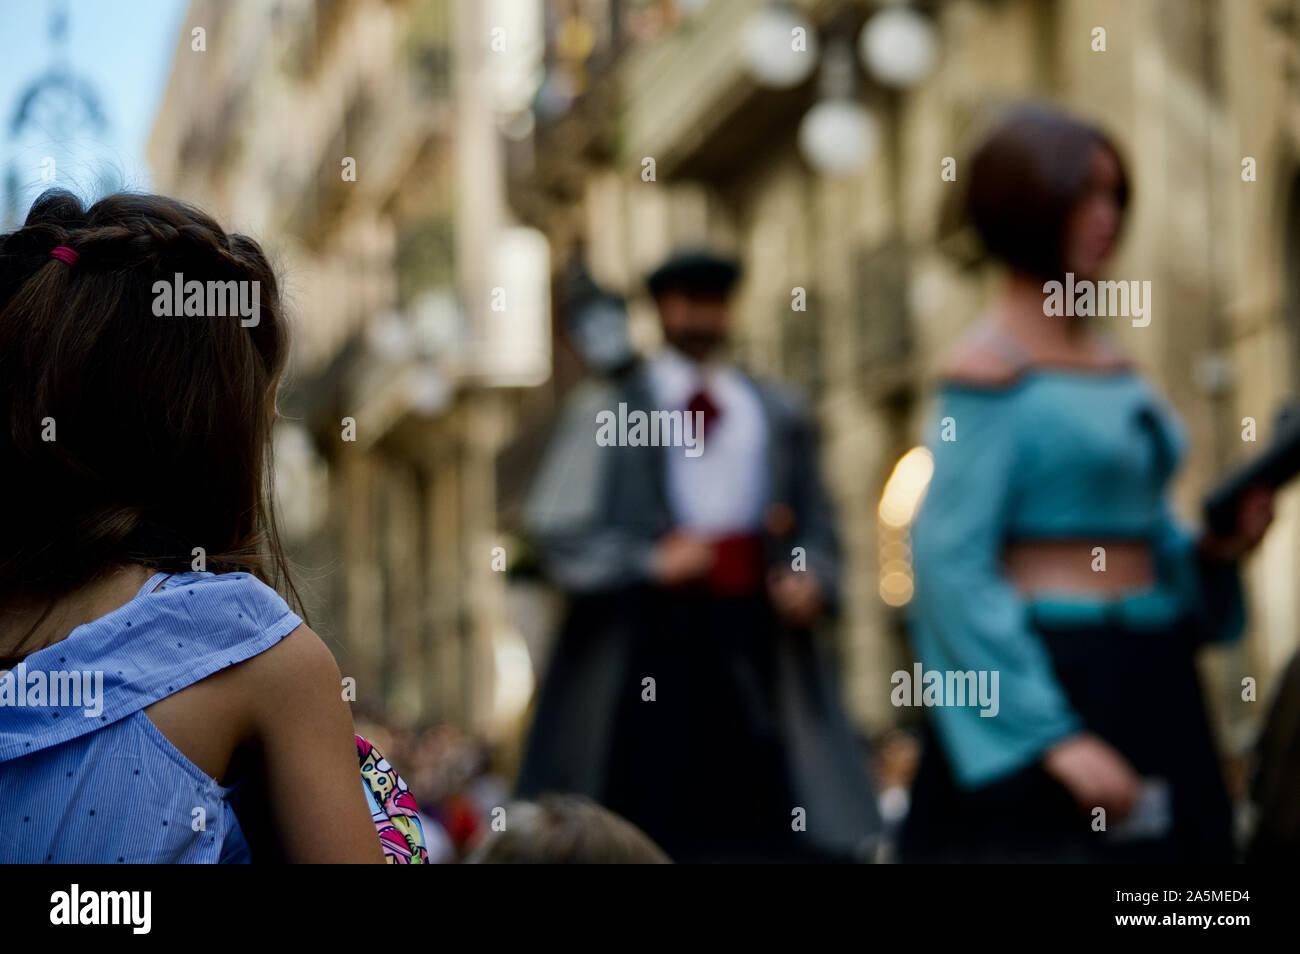 Una ragazza guardando la sfilata dei giganti durante la Merce Festival 2019 a Placa de Sant Jaume a Barcellona, Spagna Foto Stock